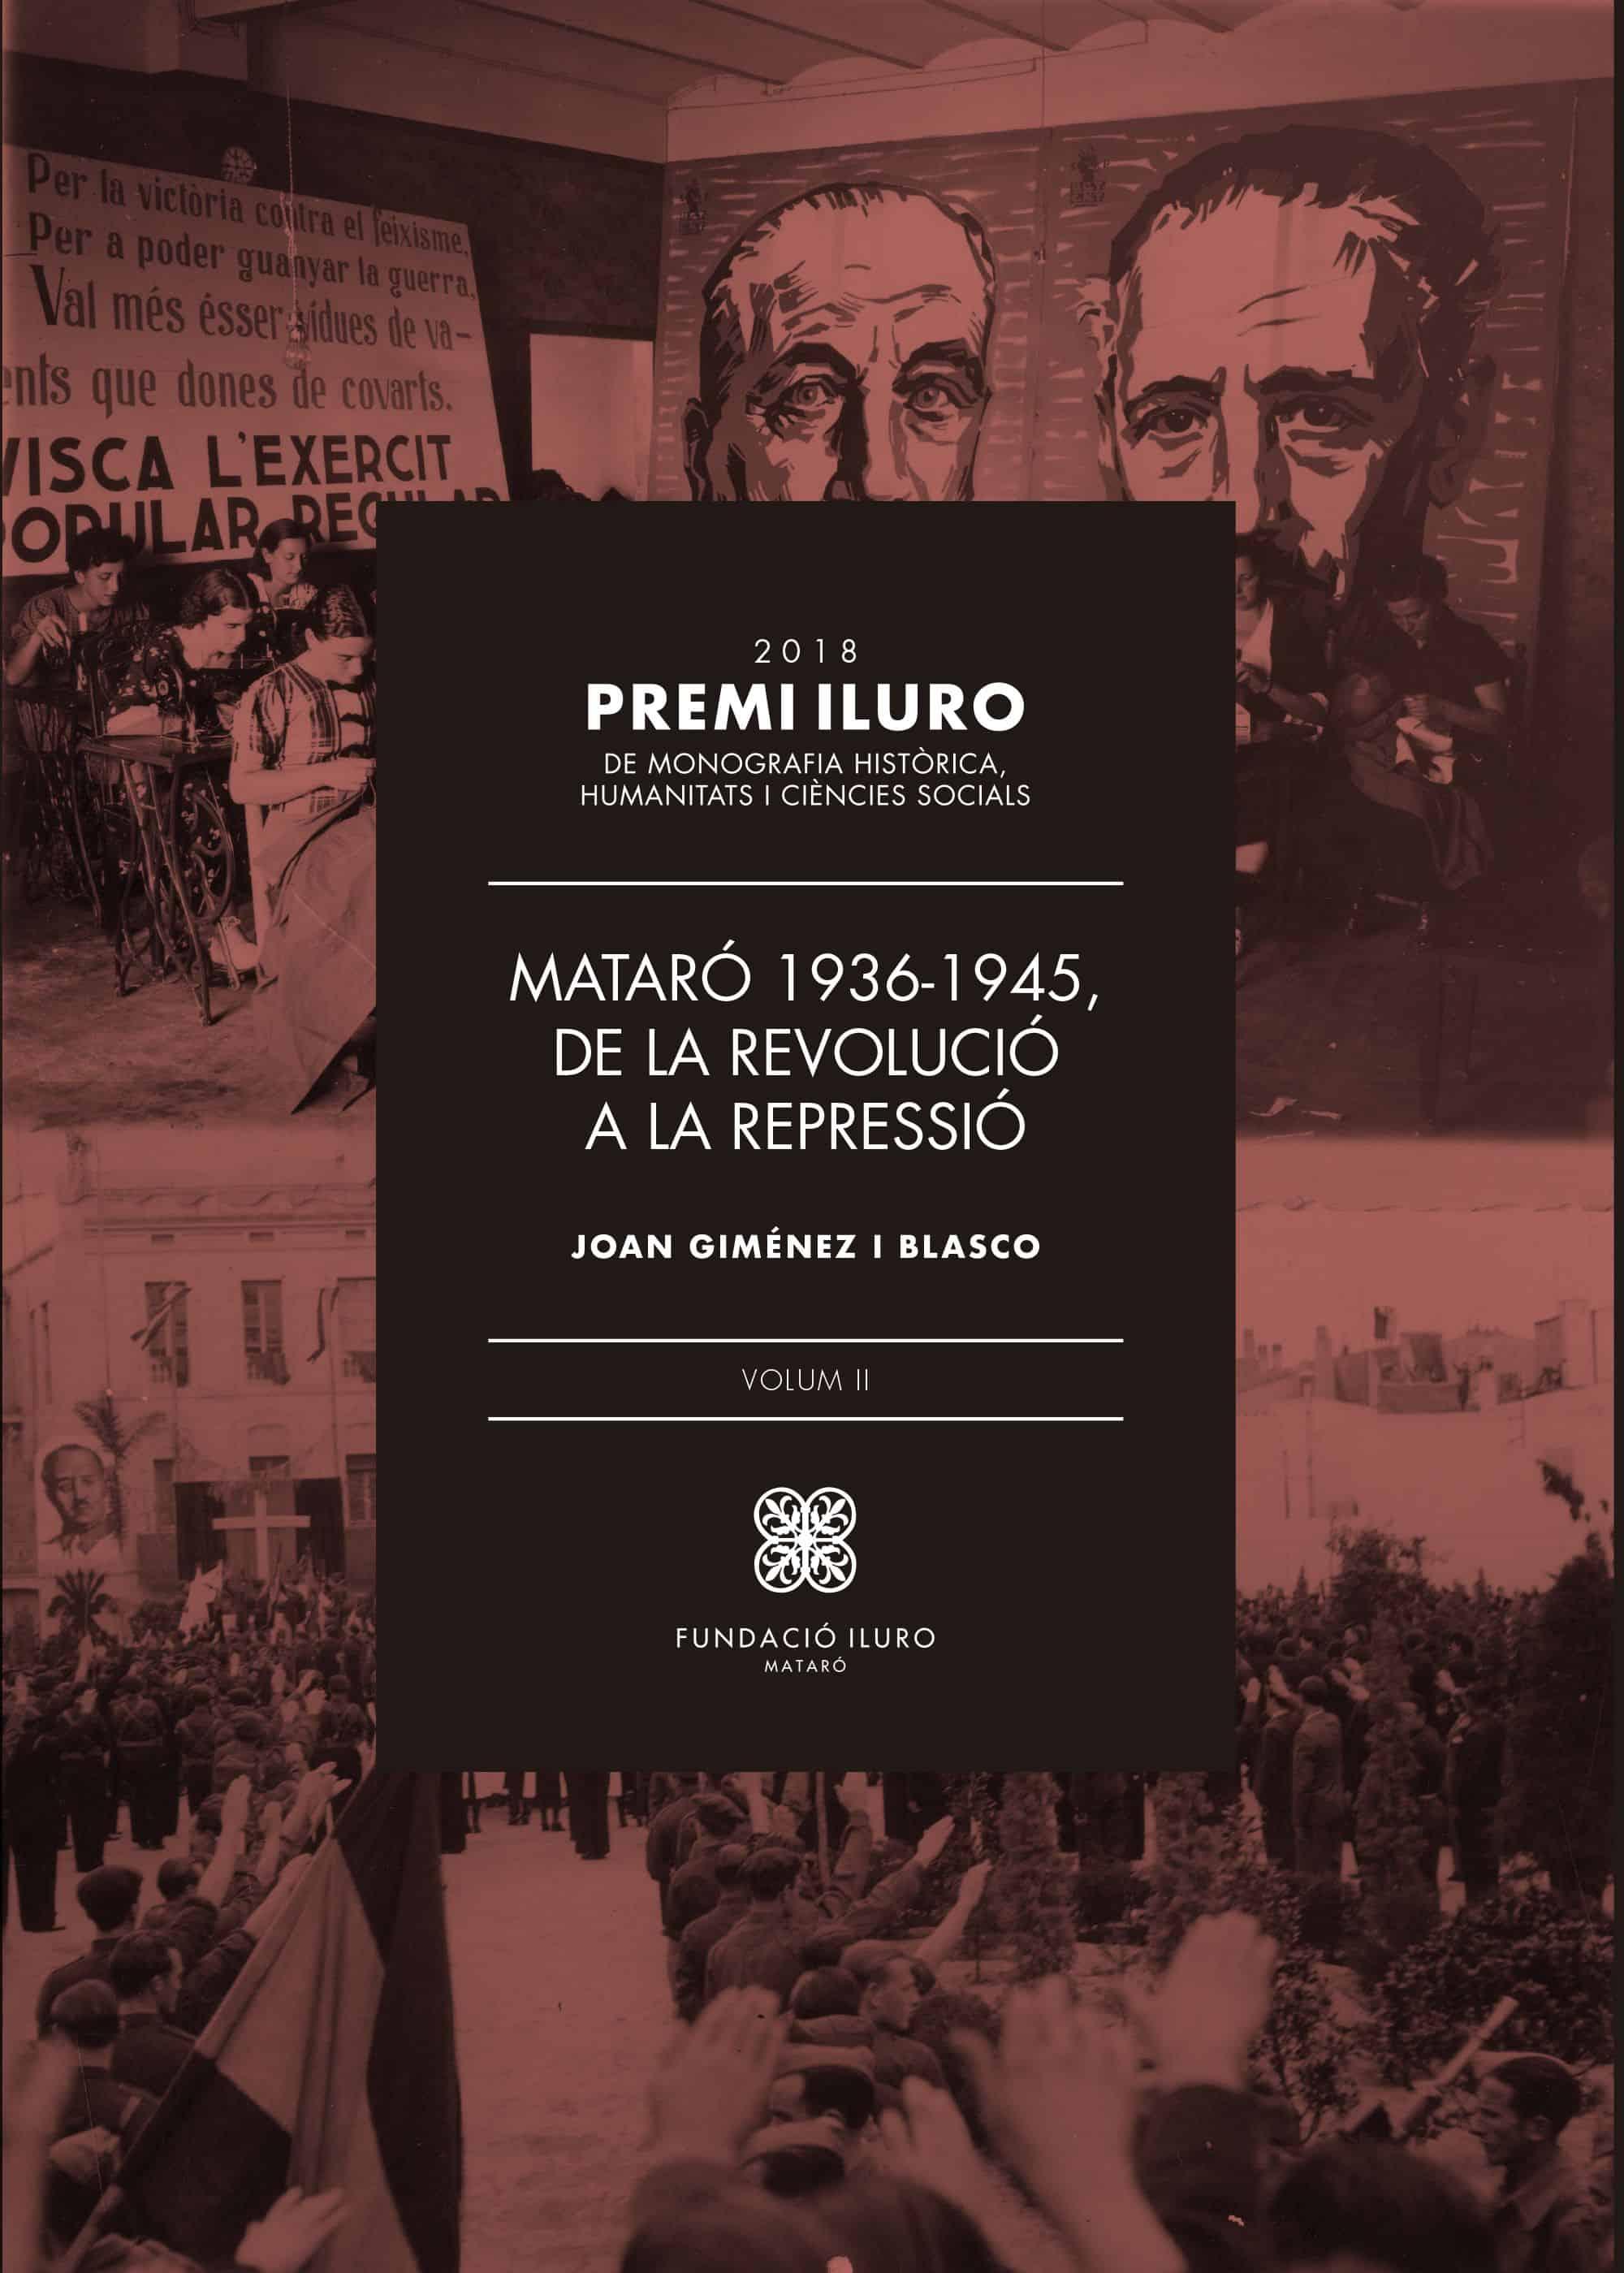 83. Mataró 1936-1945. De La Revolució A La Repressió. Volum II (Premi Iluro 2018)